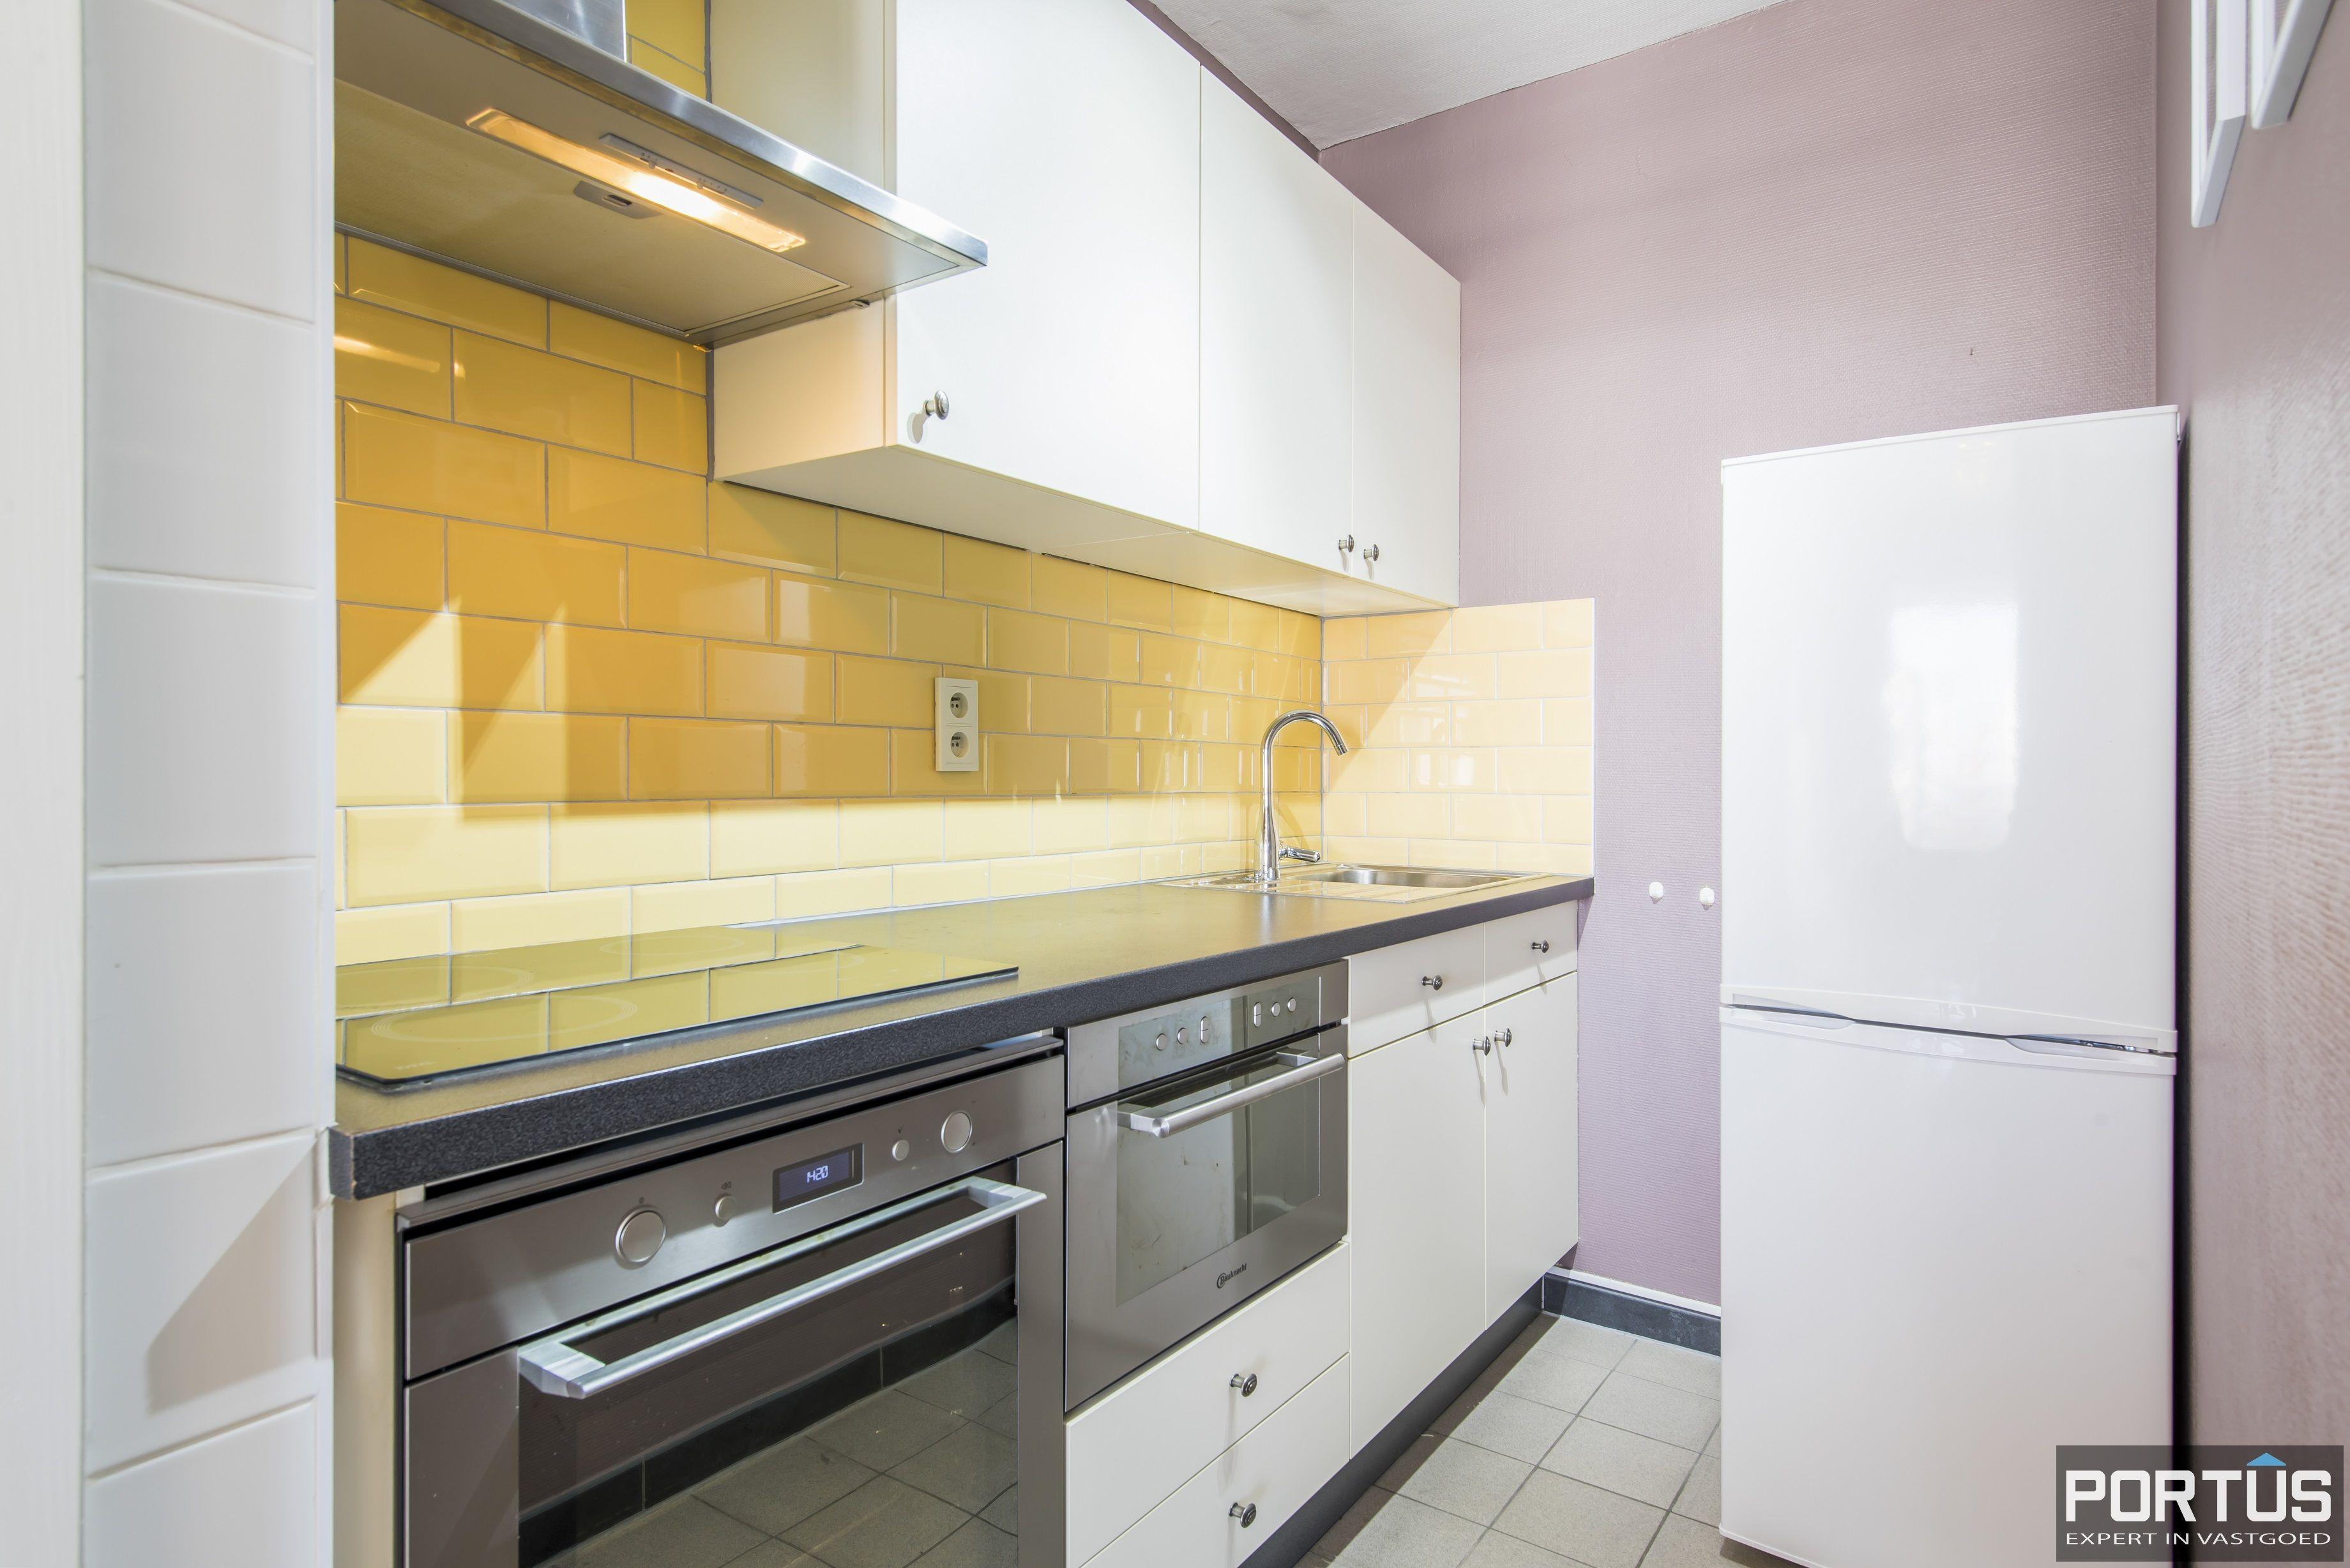 Instapklaar 1 slaapkamer appartement met ruim terras met zijdelings zeezicht te koop - 9544